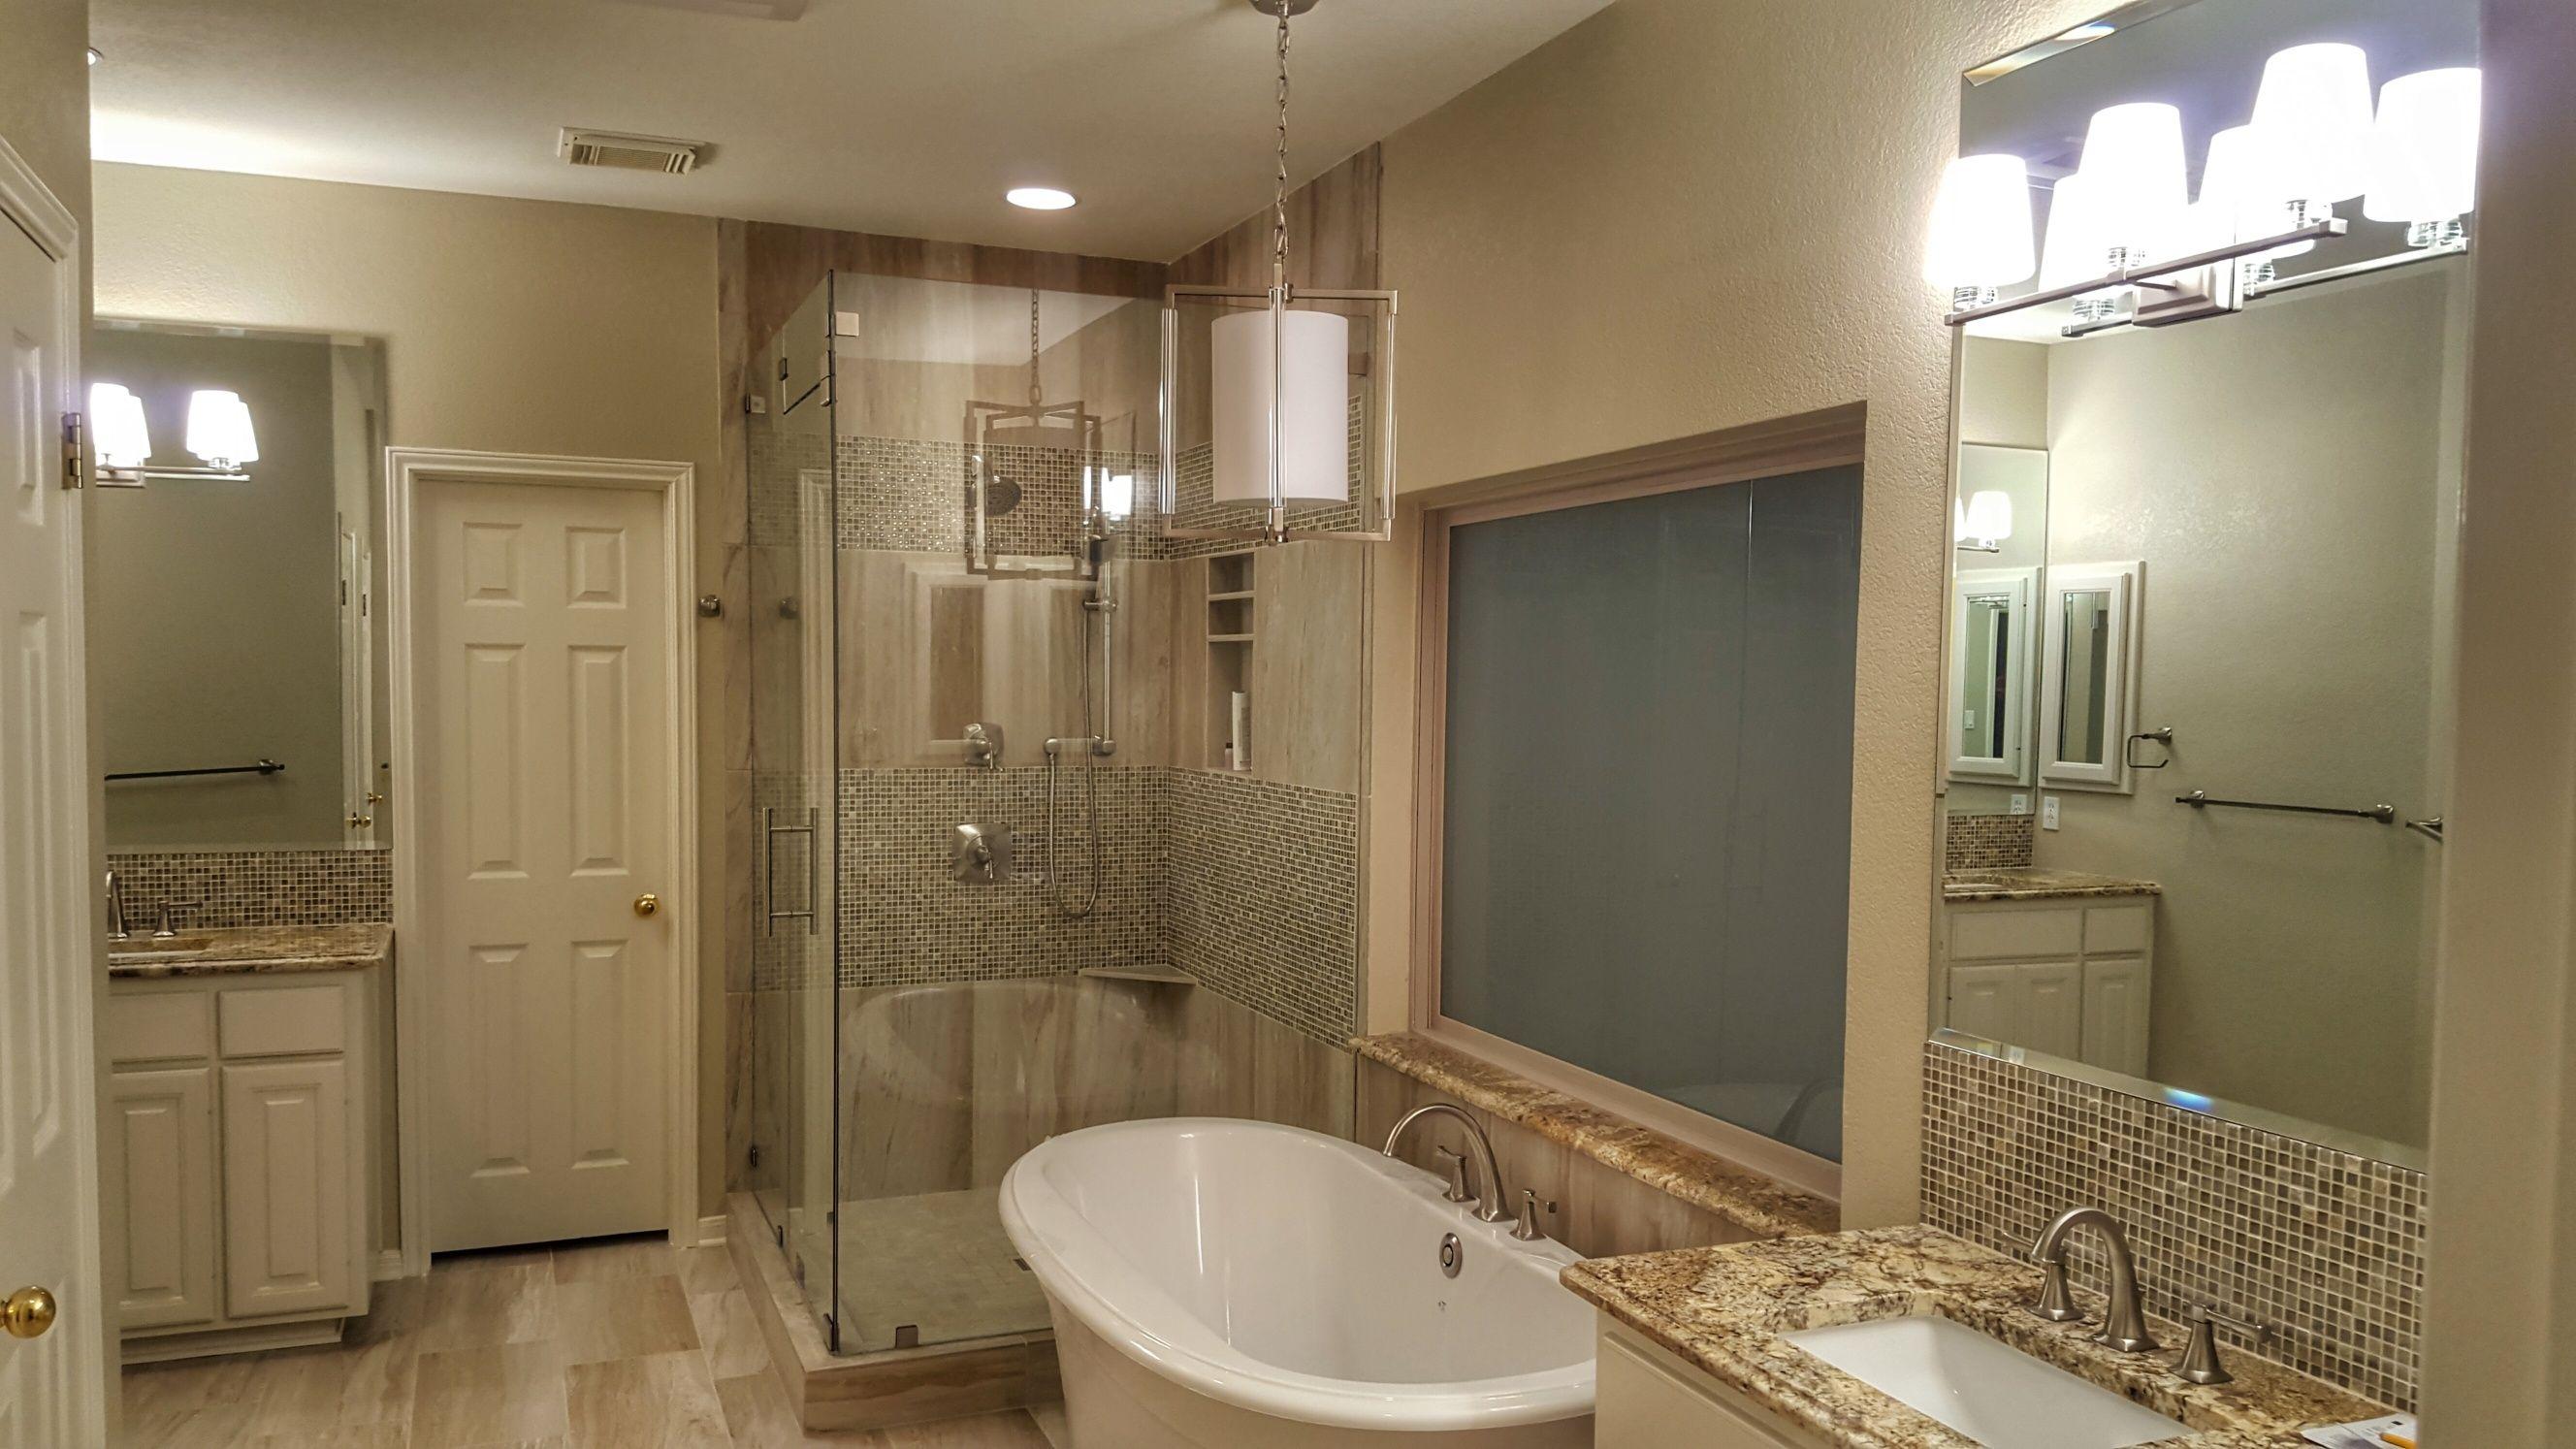 Bathroom Designs Ideas For Small Spaces | Bathroom remodel ...